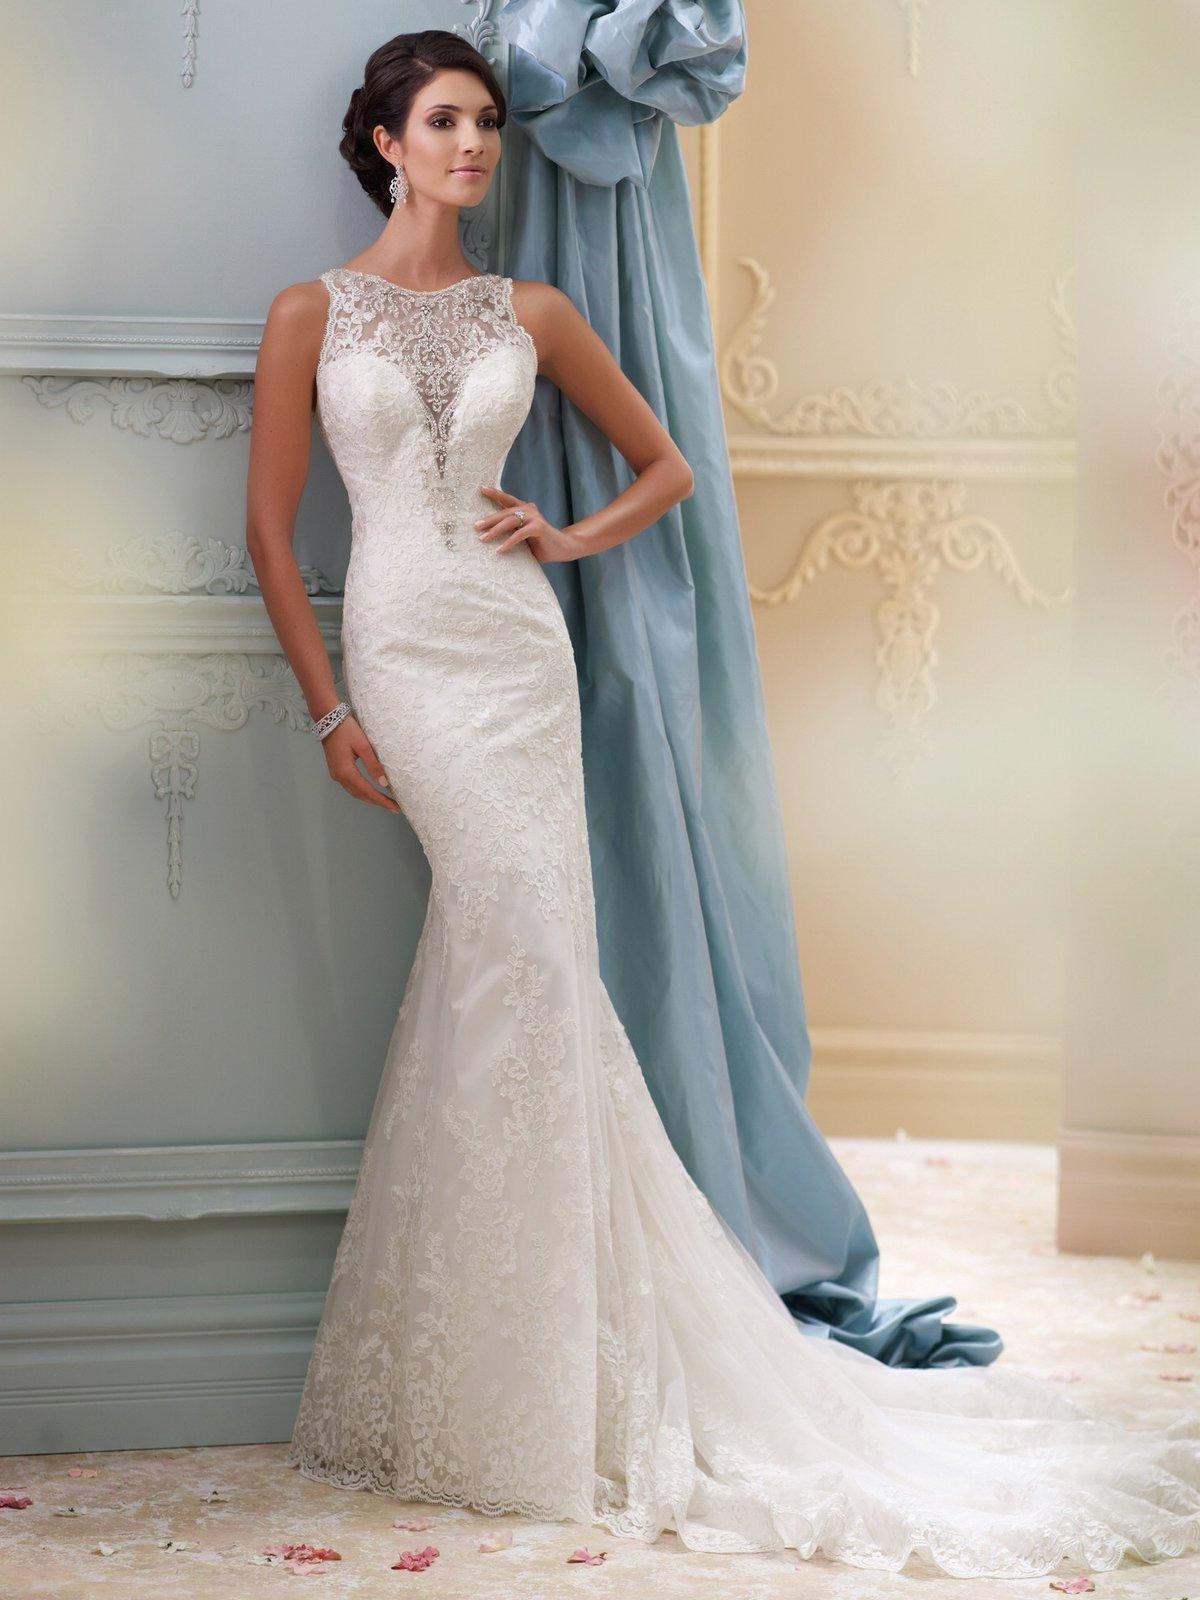 говорят, малолетке приталенные свадебные платья фото профессиональной биографии